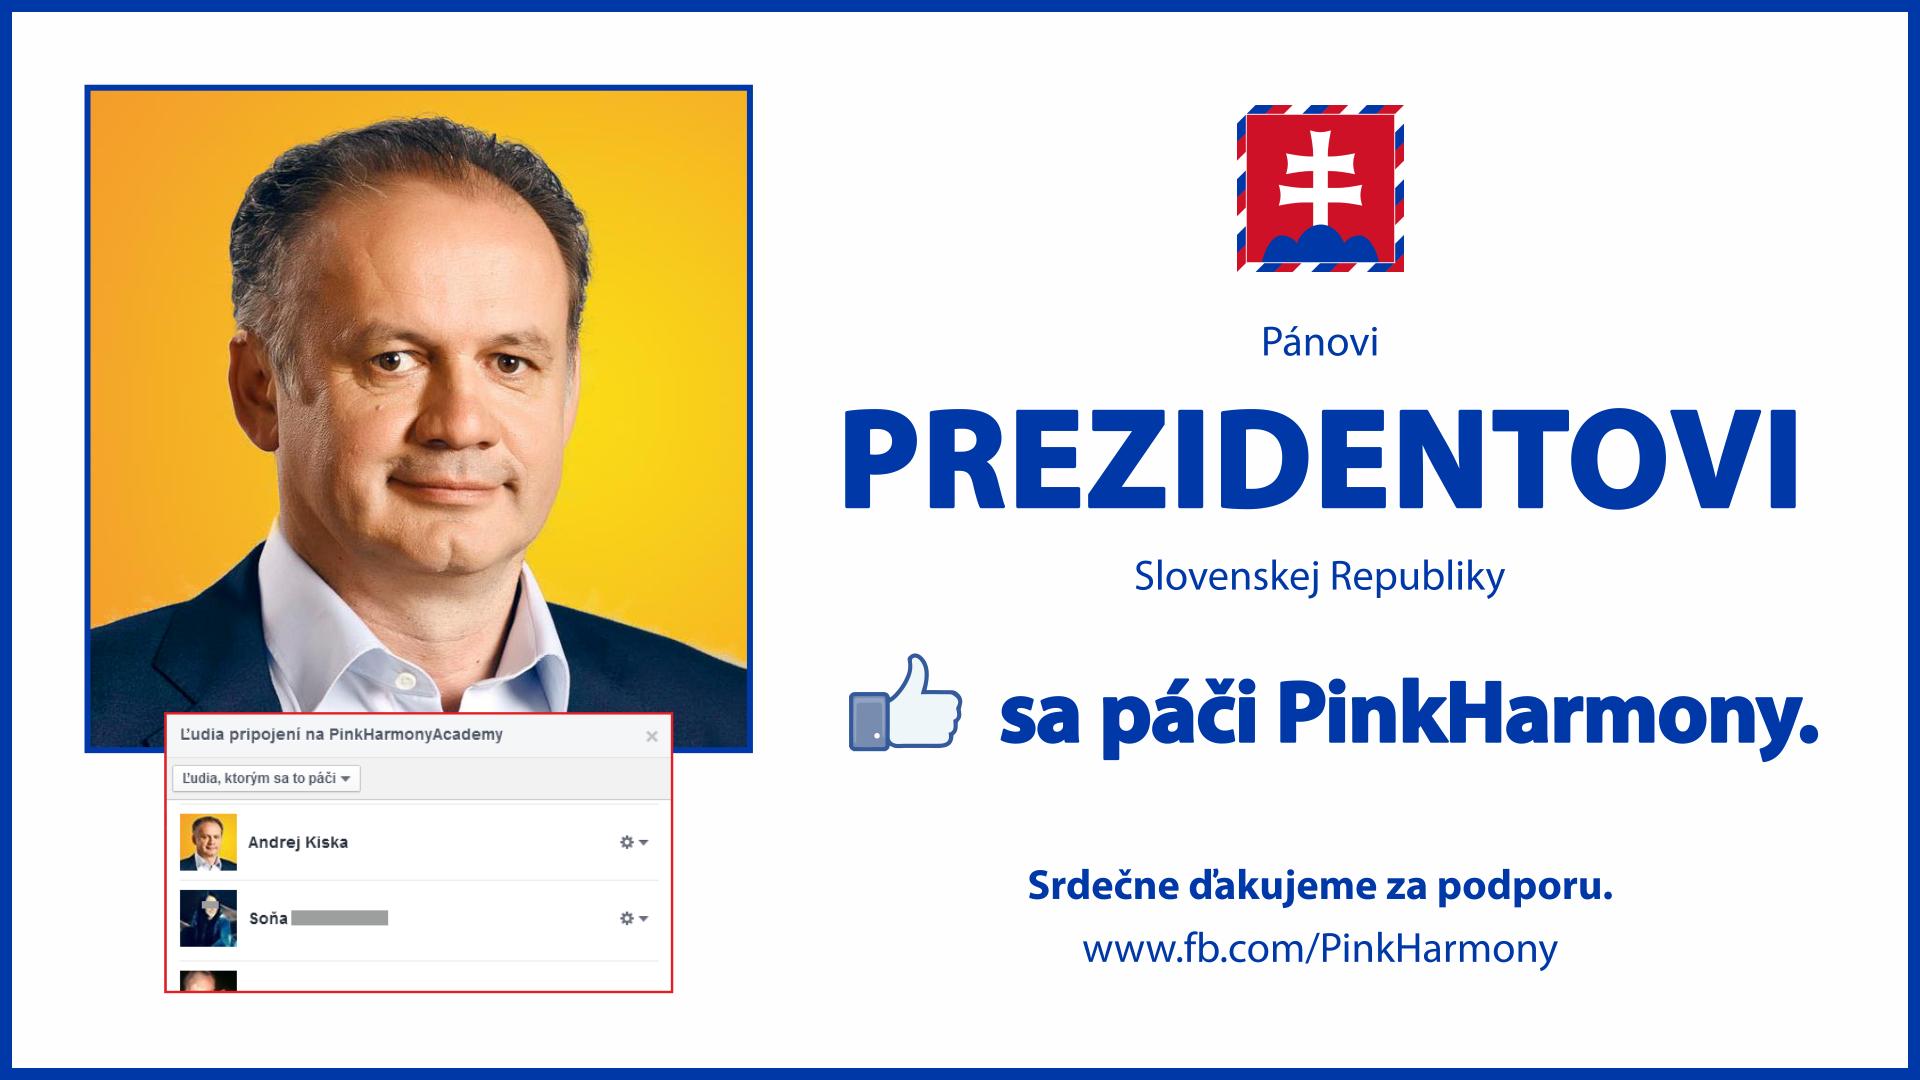 Prezidentovi sa páči PinkHarmony!